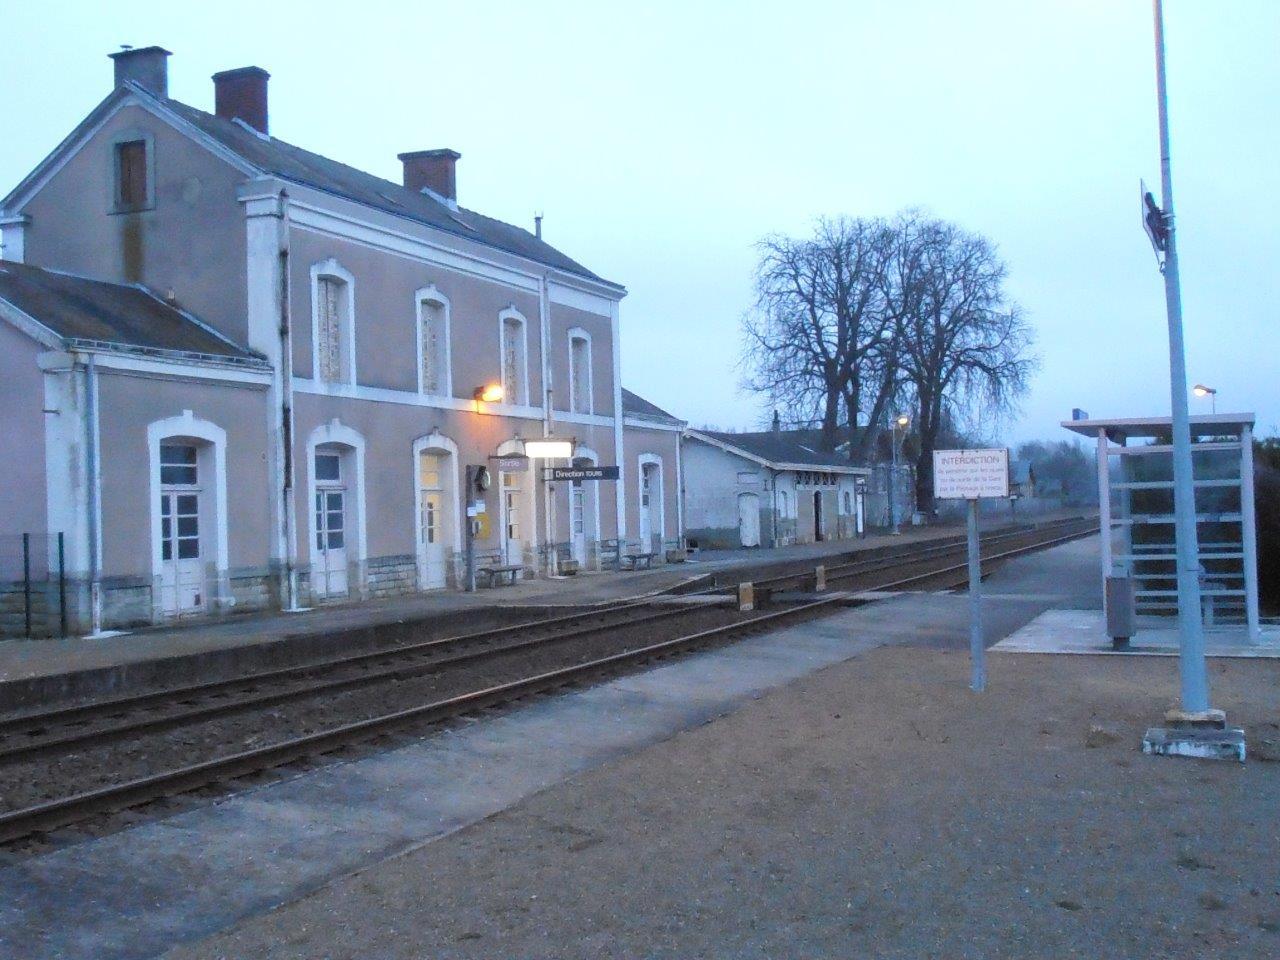 gare-d-aubigne-racan-train-station